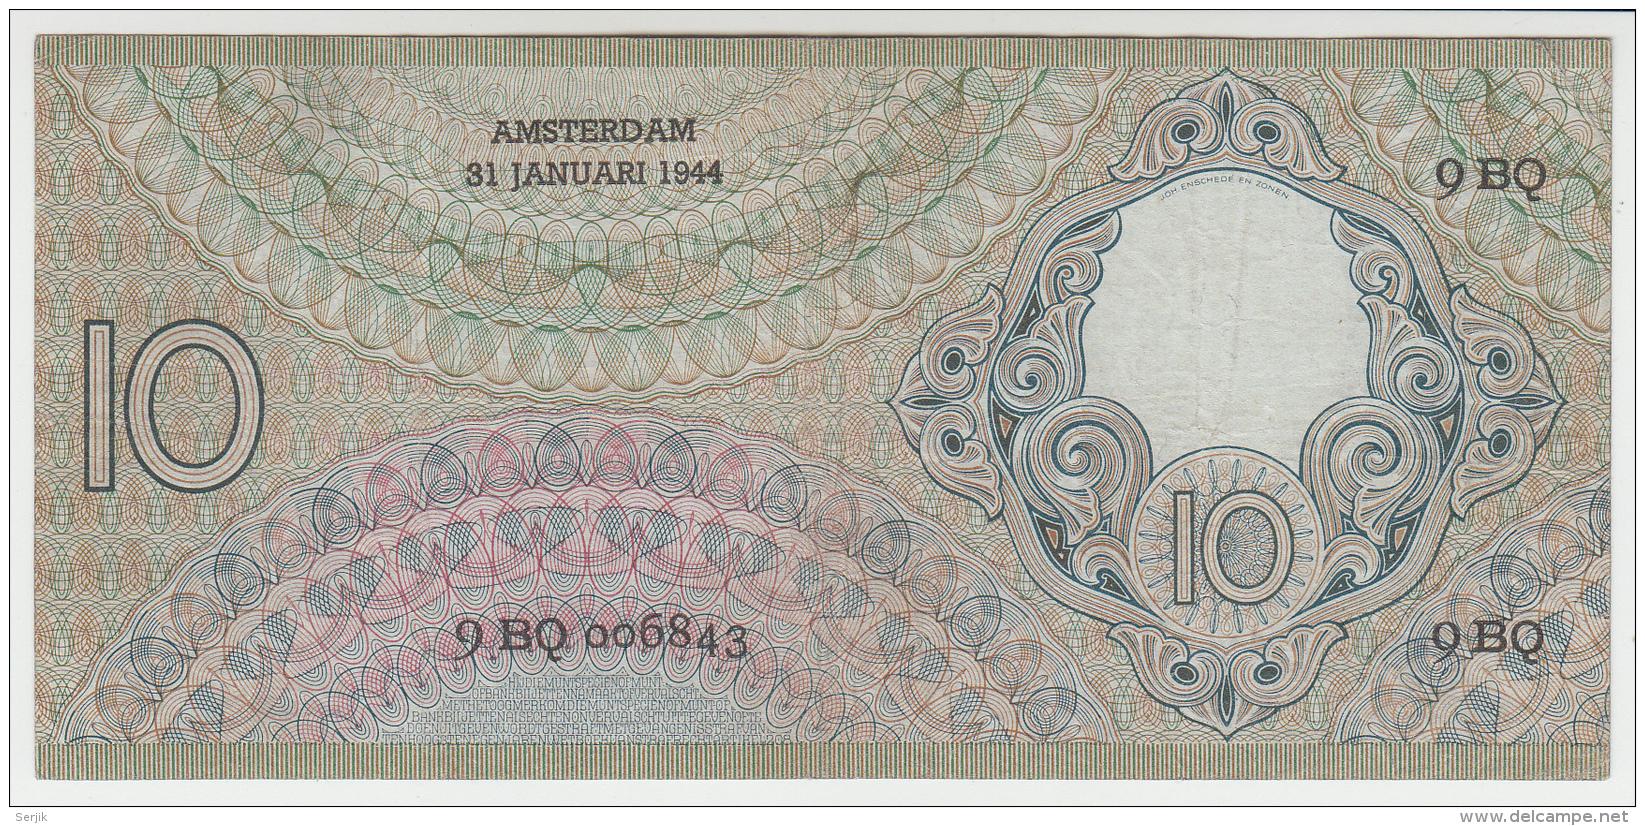 Netherlands 10 Gulden 1944 VF+ Pick 59 - 10 Gulden